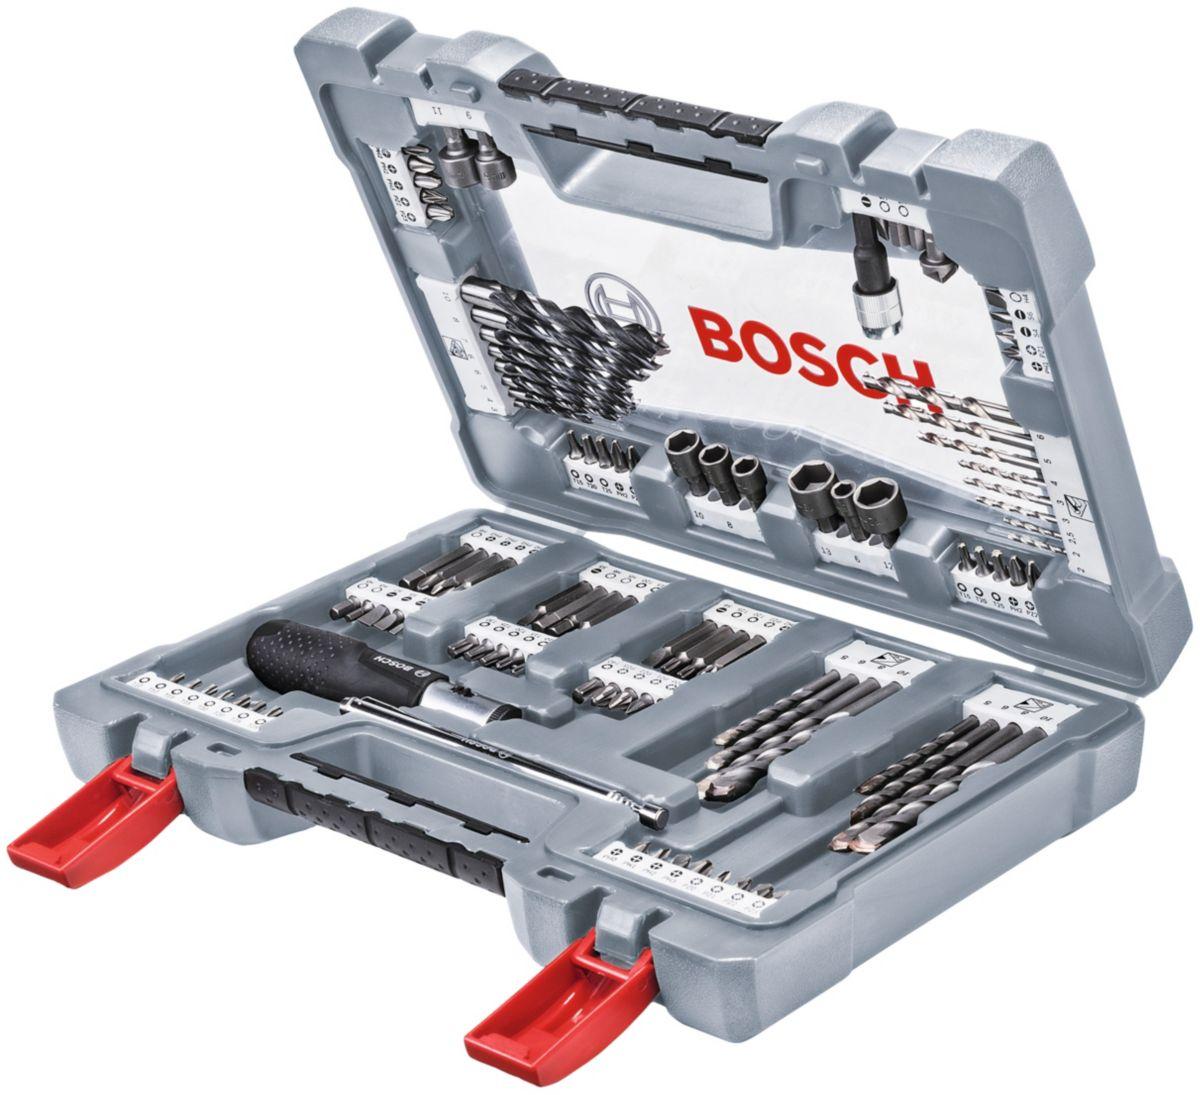 BOSCH Bohrer- und Bit-Set »Premium«, 105-tlg.